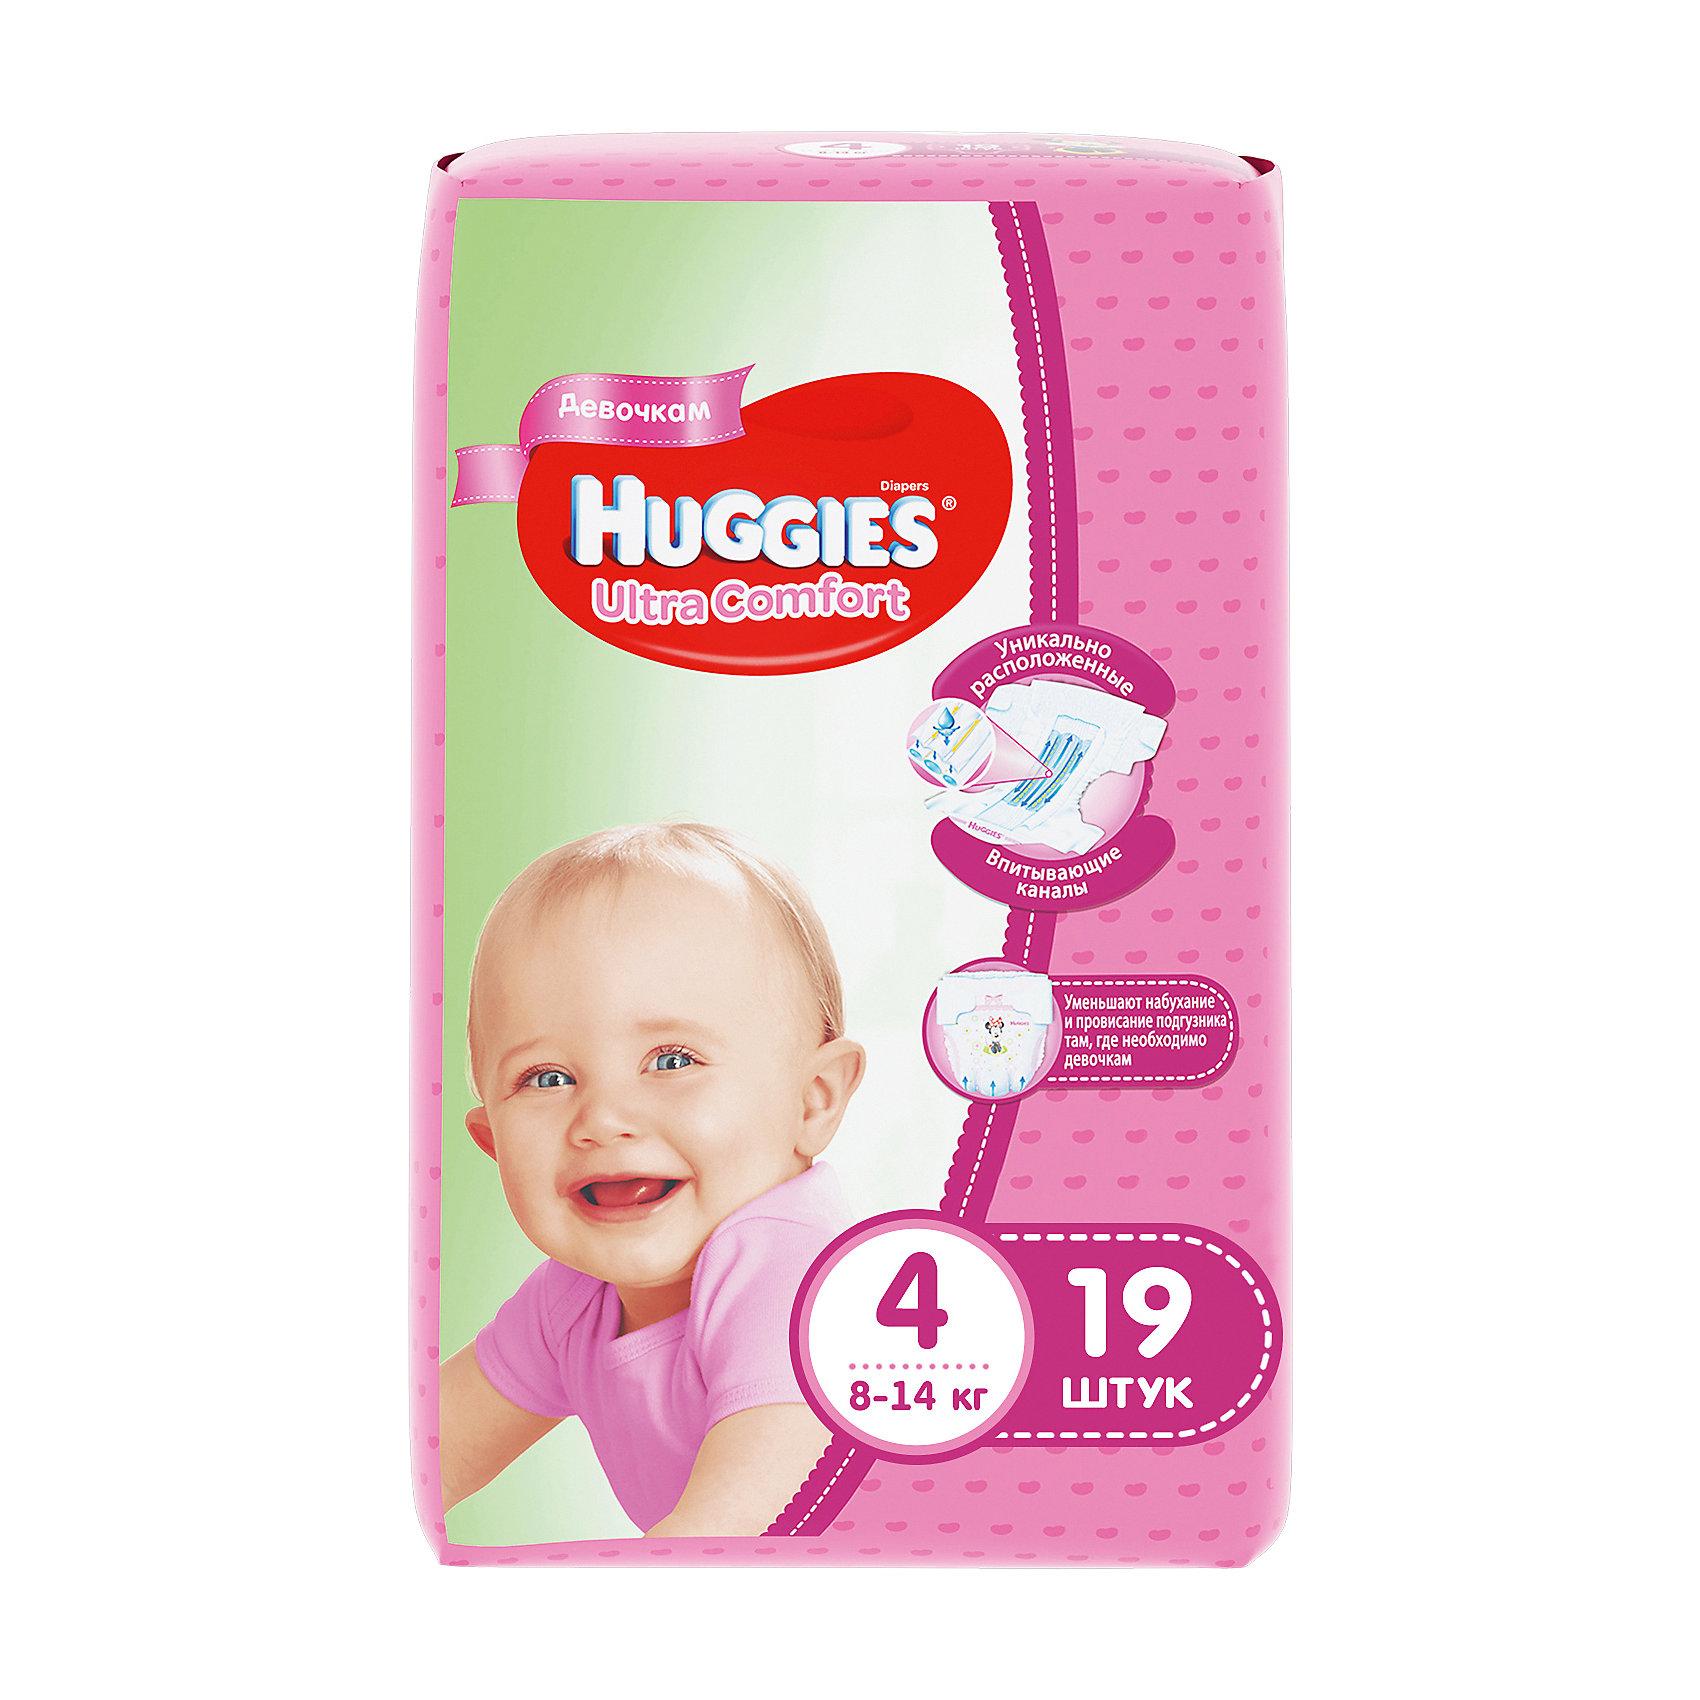 HUGGIES Подгузники Ultra Comfort для девочек 4, 8-14 кг, 19шт., Huggies huggies подгузники ultra comfort для девочек 4 8 14 кг 19шт huggies